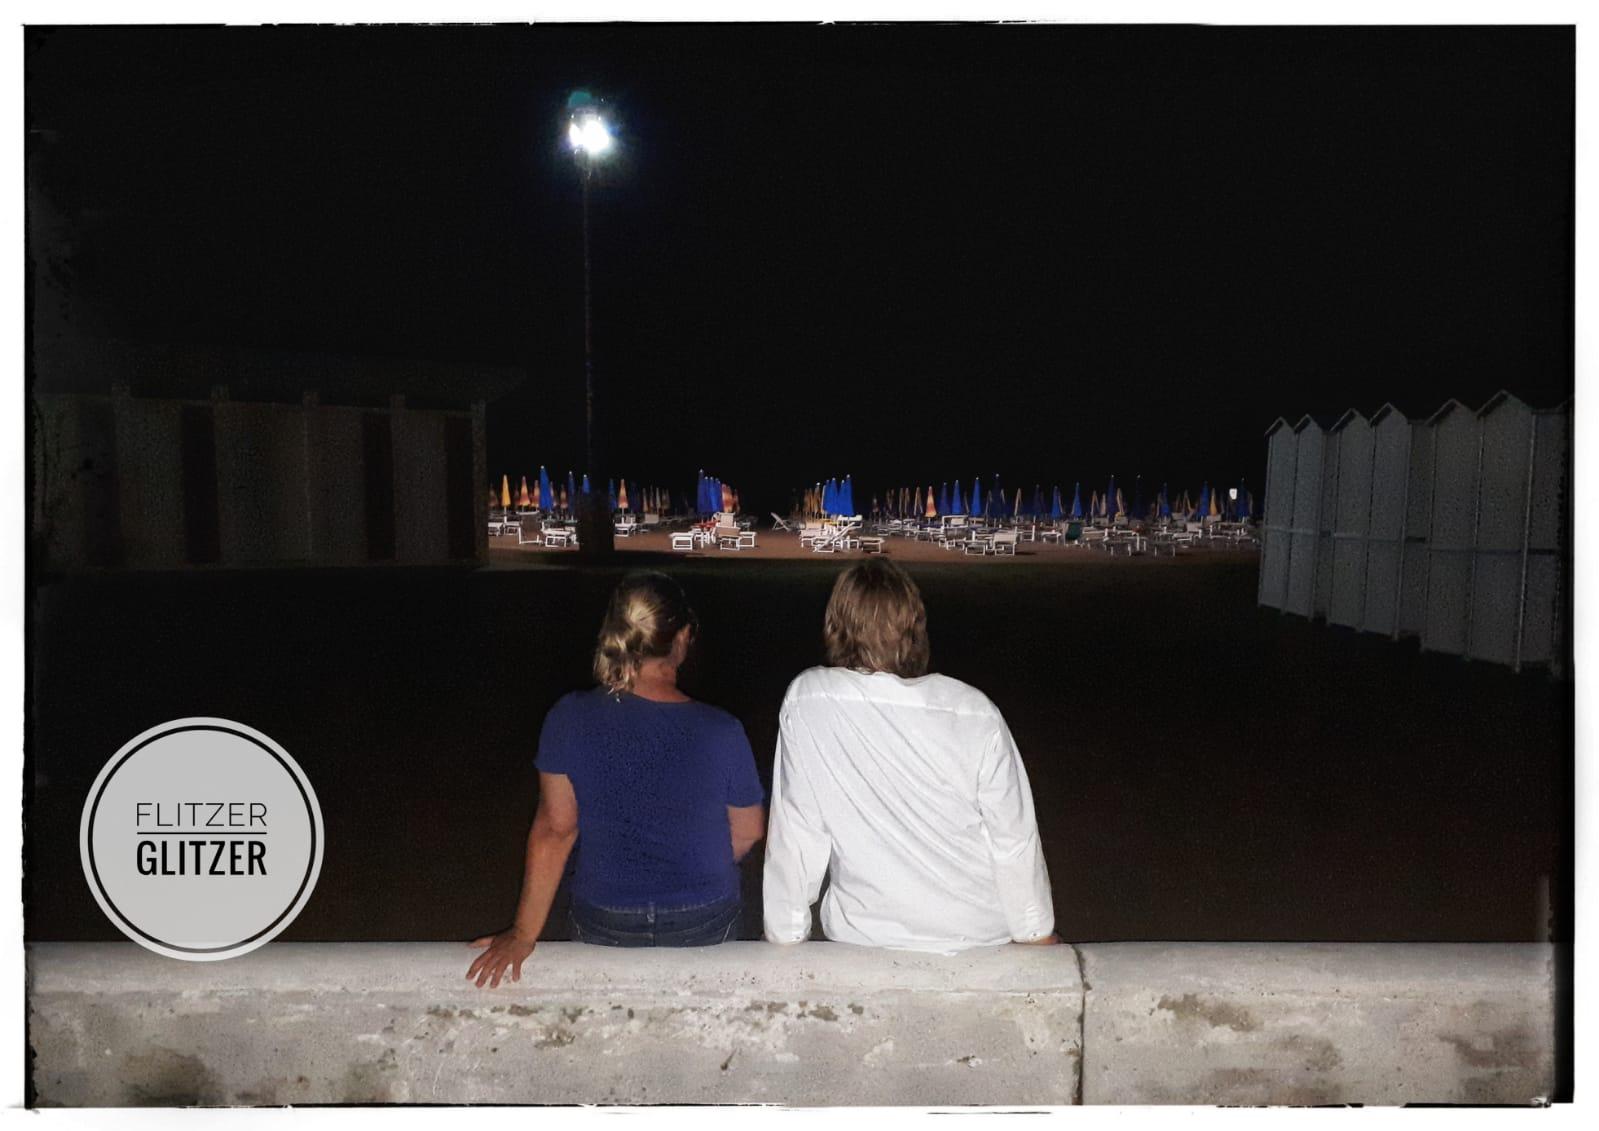 Flitzer und Glitzer sitzen auf einer Betonmauer und blicken auf das mondbeschienene Meer mit den für Italien typischen Liegenreihen und zusammengeklappten Sonnenschirmen